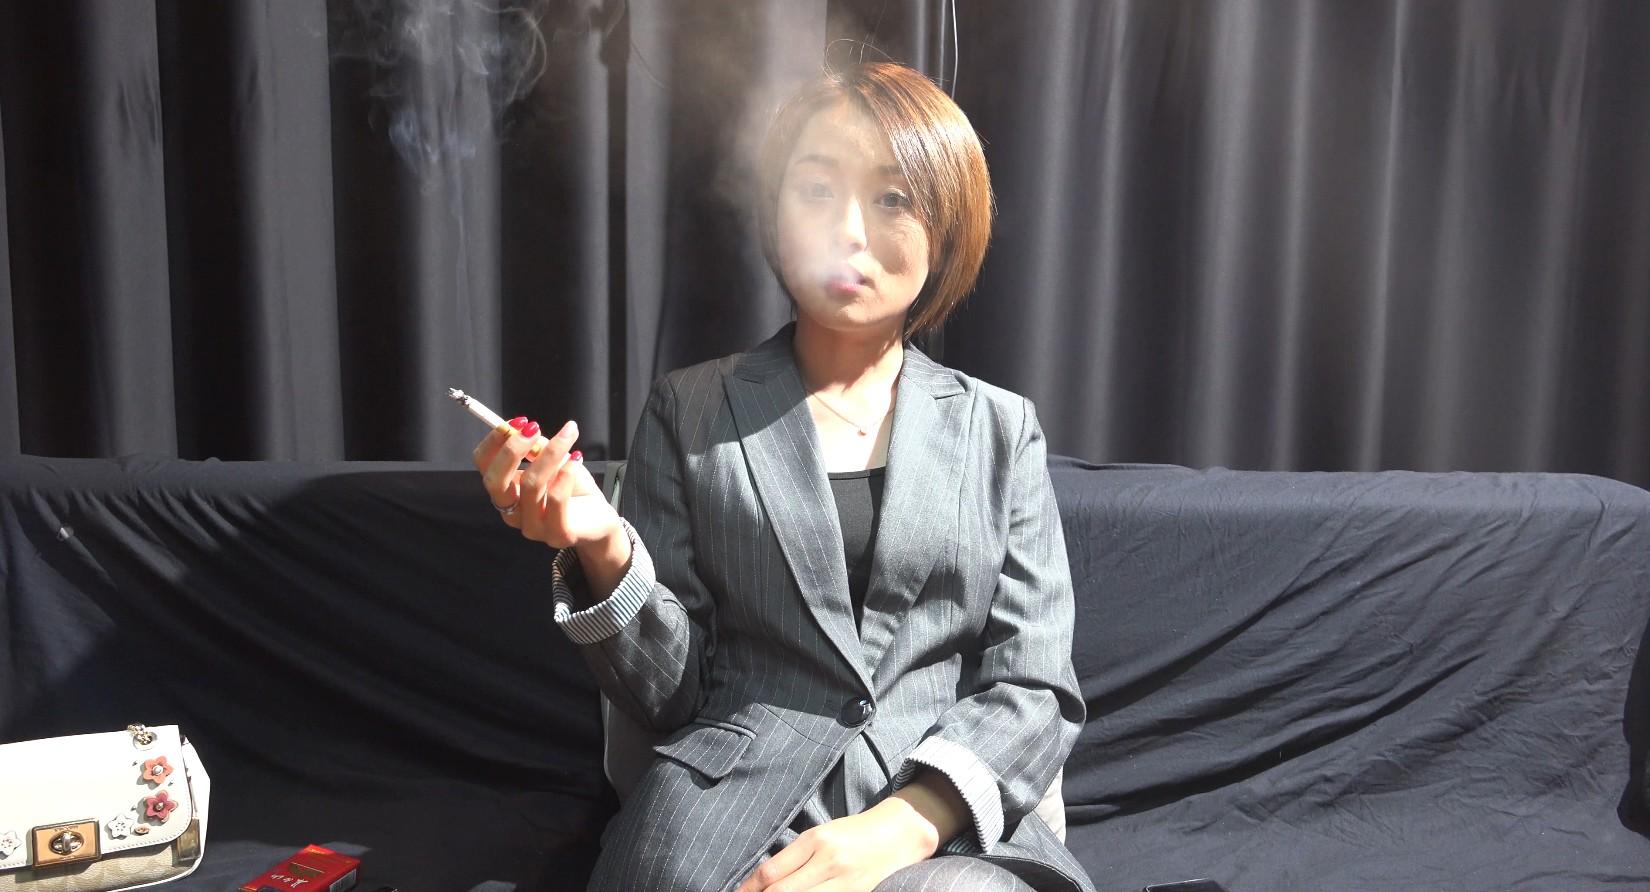 气质超好的小姐姐抽烟访谈第二集